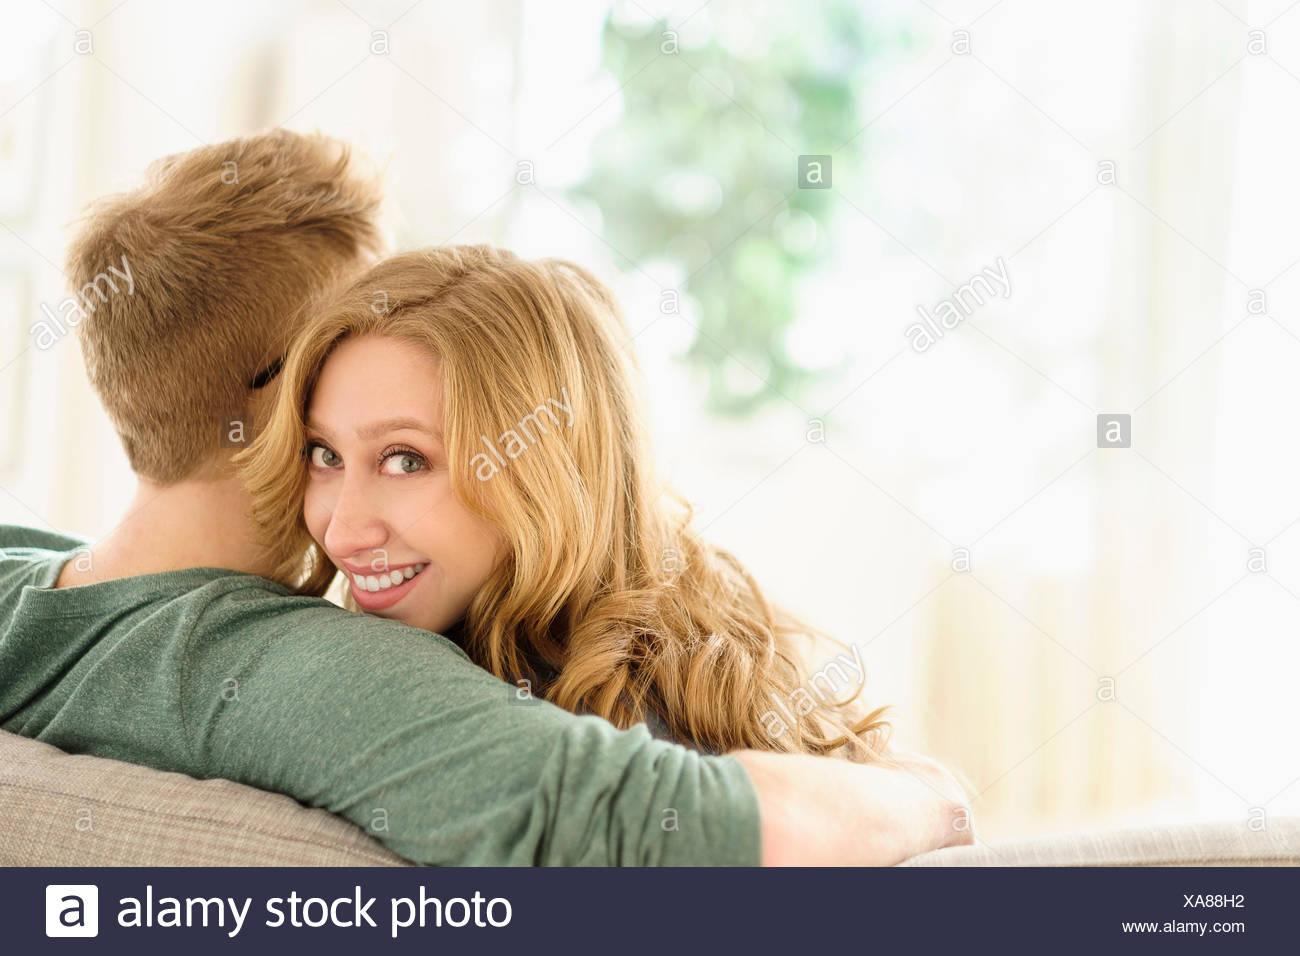 Porträt der jungen Frau umarmt Freund auf sofa Stockbild